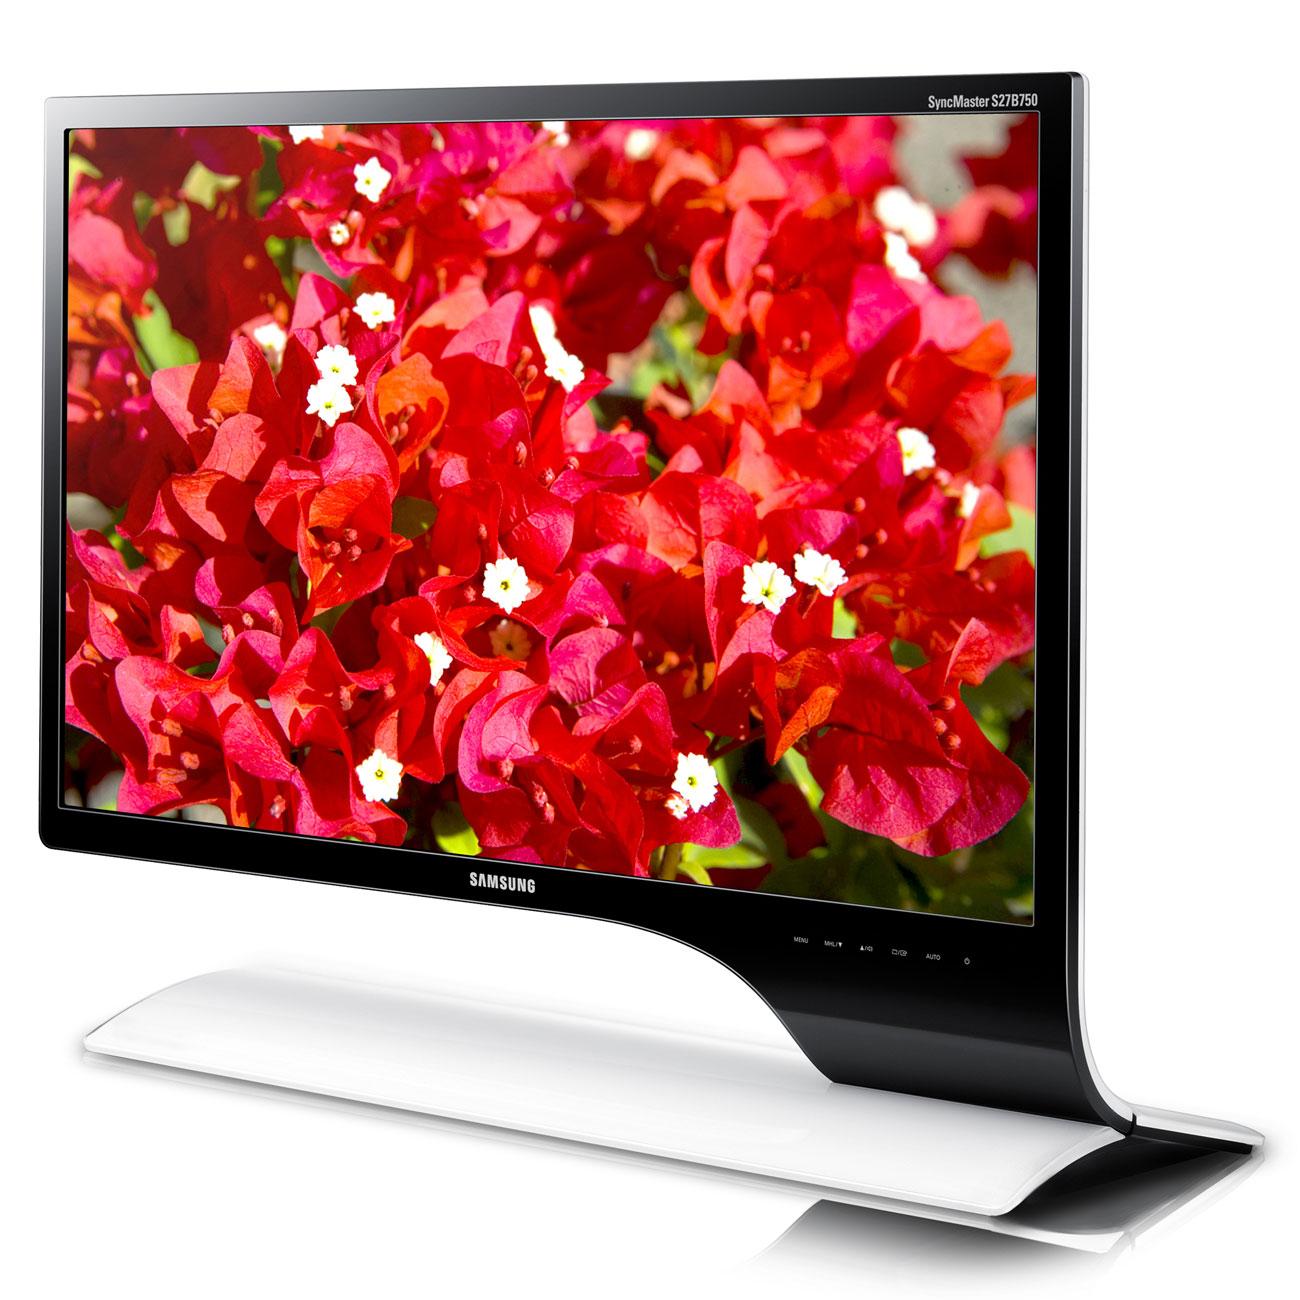 Samsung-SyncMaster-S27B750-Hadir-Dengan-Desain-Cantik-dan-Performa-Lebih-Unggul.jpg